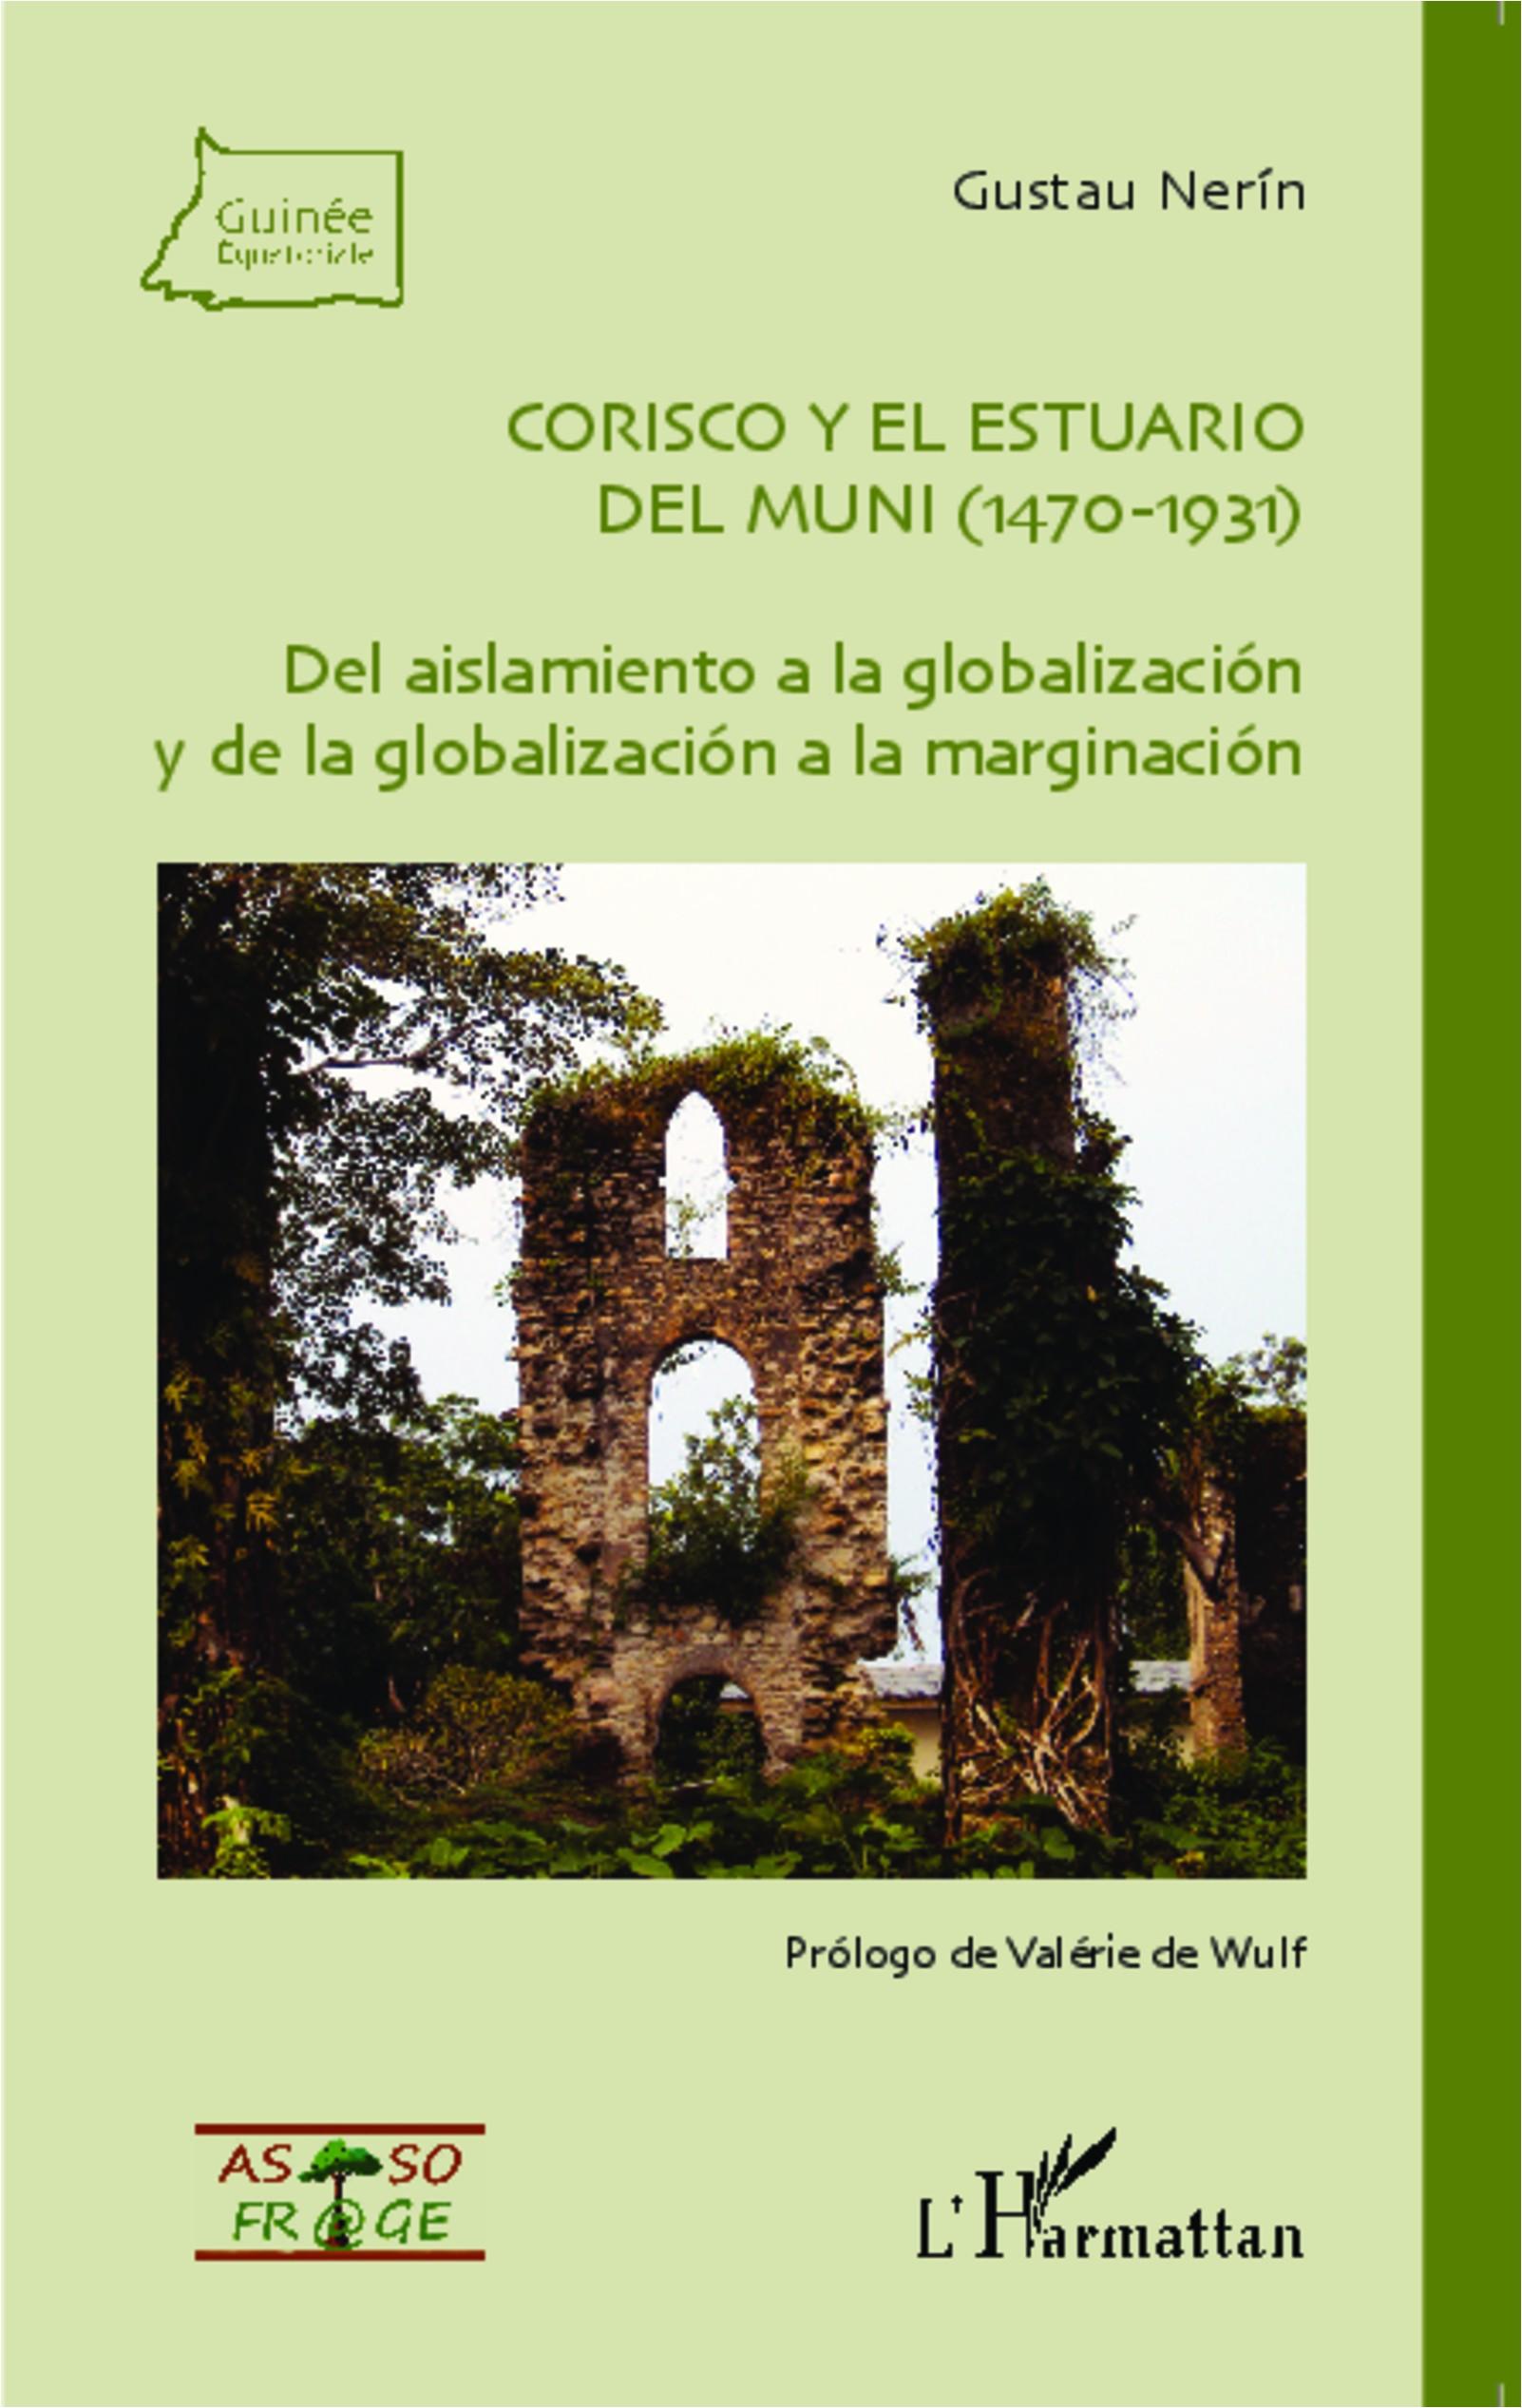 http://www.laboutiqueafricavivre.com/23916/corisco-y-el-estuario-del-muni-1470-1931-de-gustau-nerin.jpg